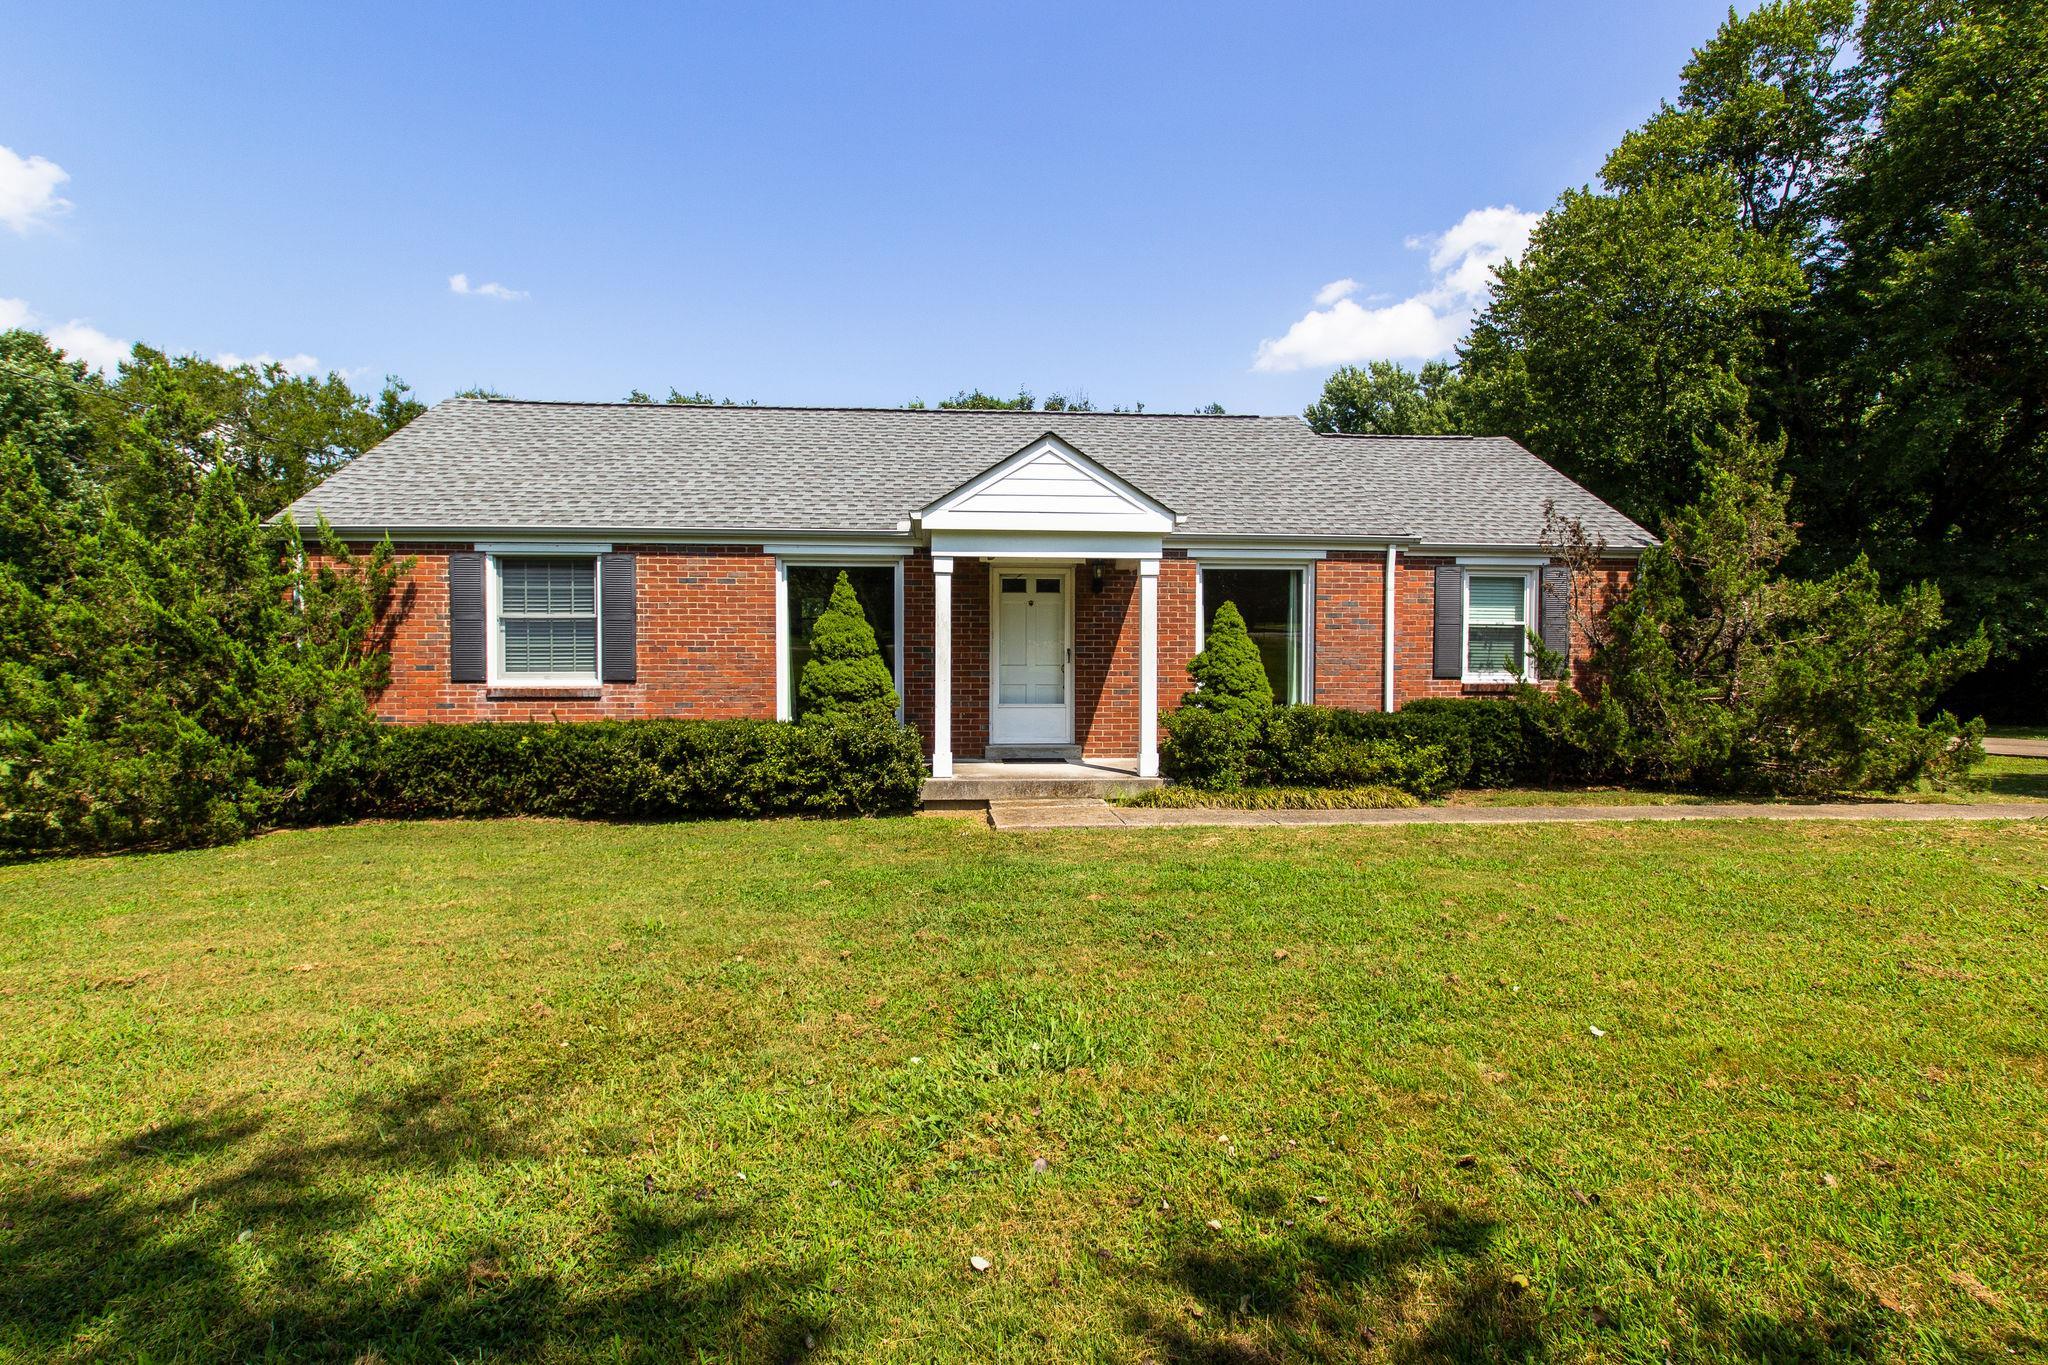 4324 Morriswood Dr, Nashville, TN 37204 - Nashville, TN real estate listing